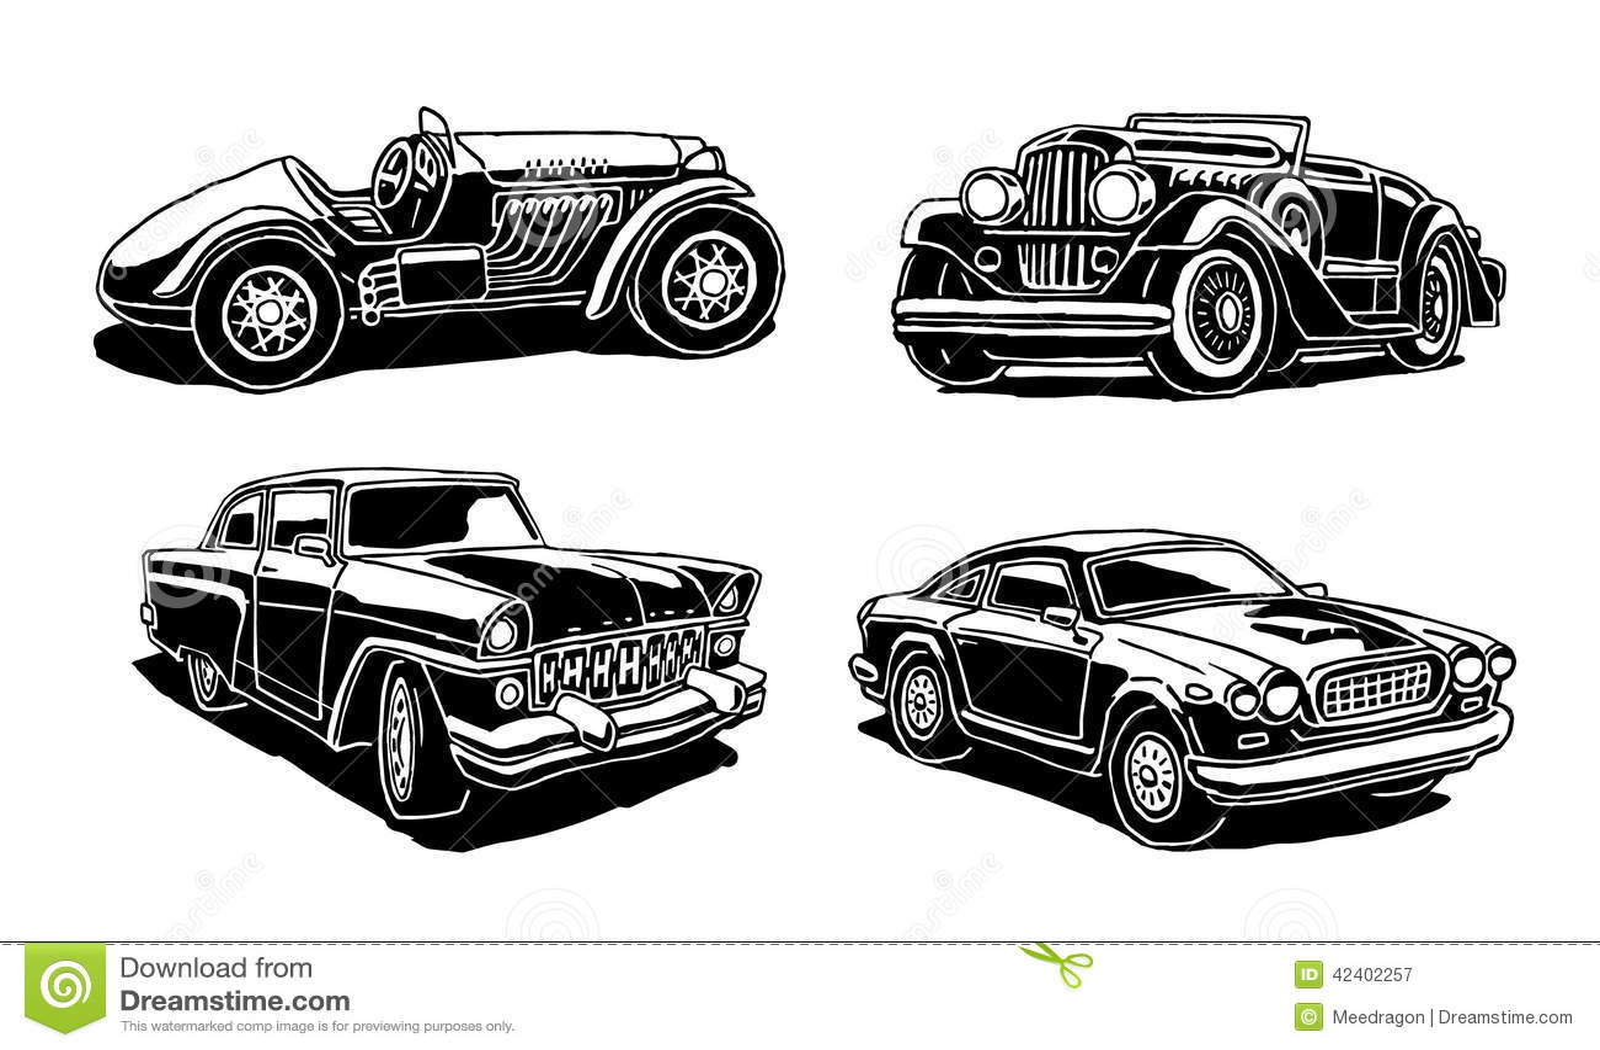 S European Cars